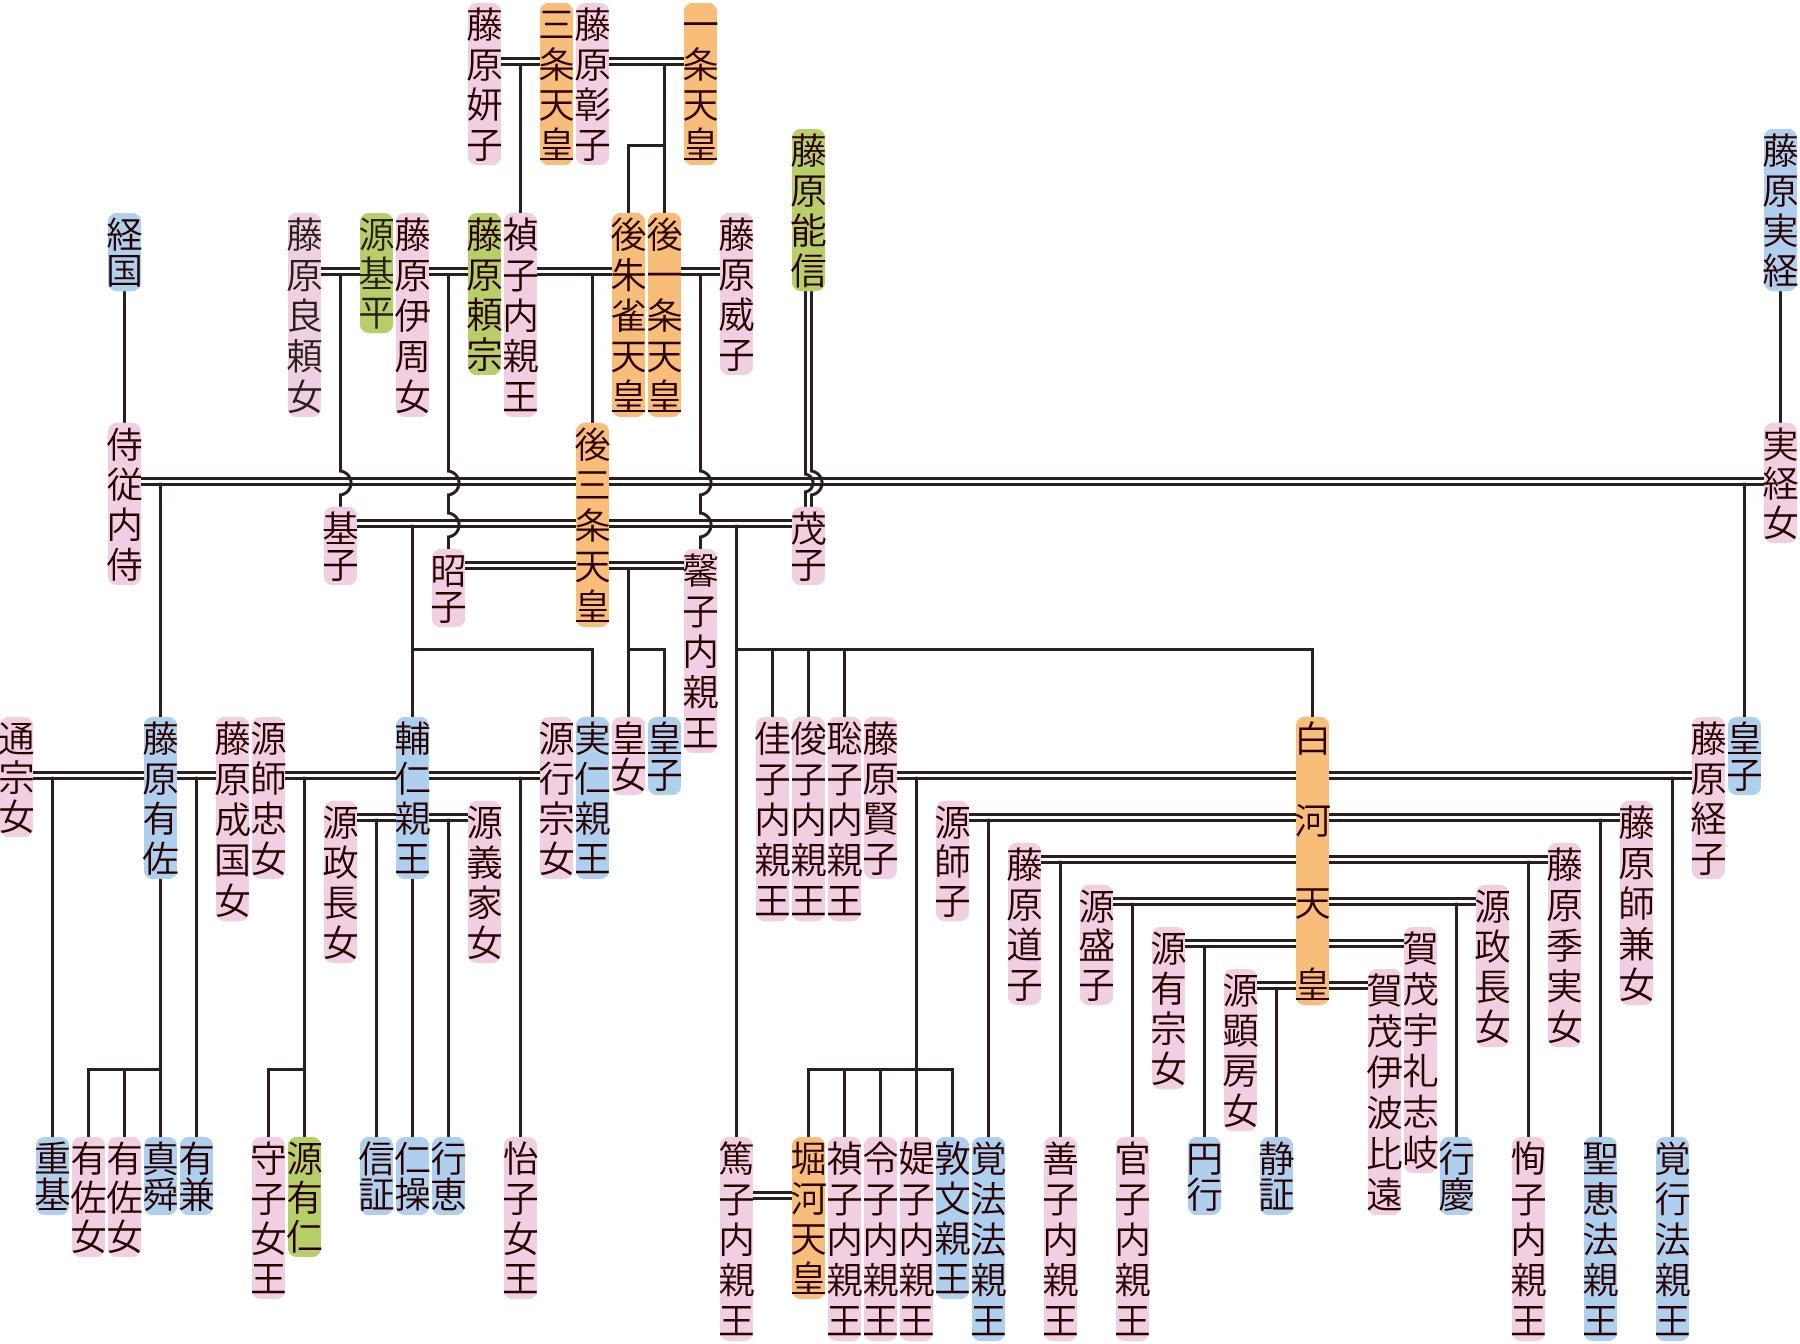 後三条天皇の系図